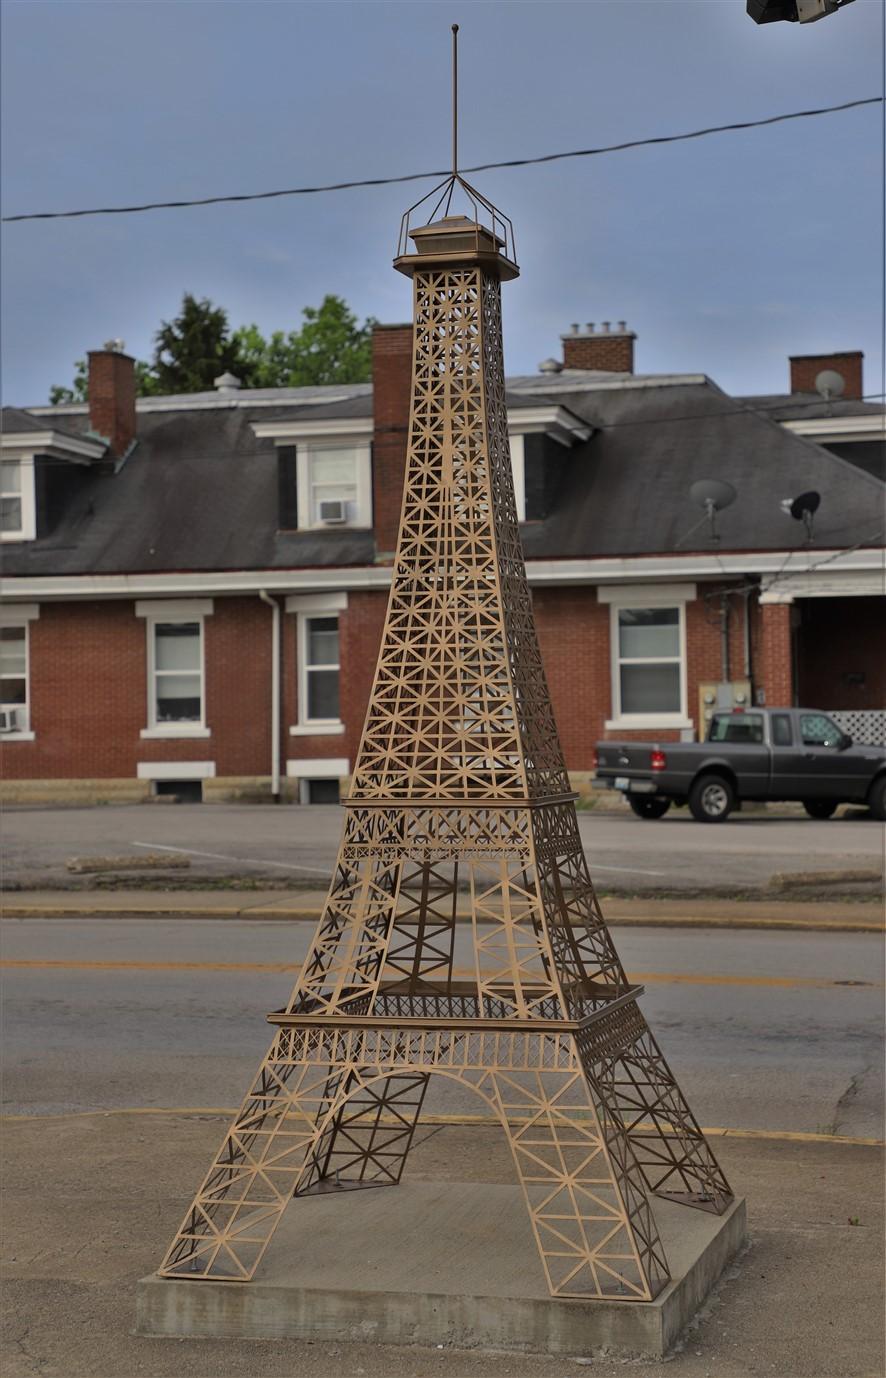 2019 05 11 4 Paris KY.jpg